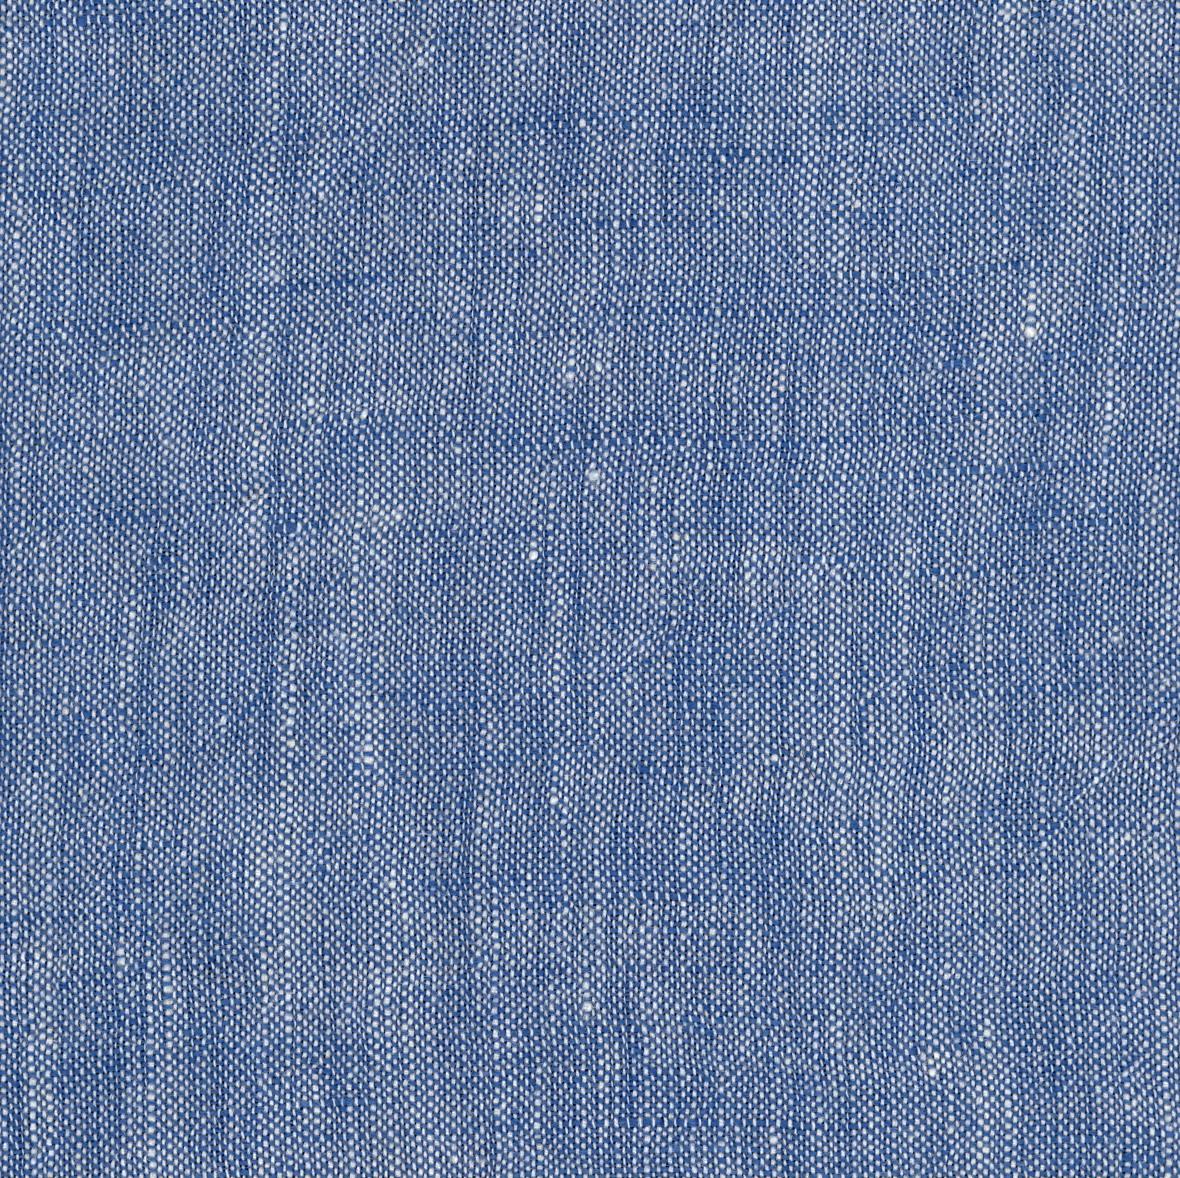 PERSICO MACHE' White/Light Blue